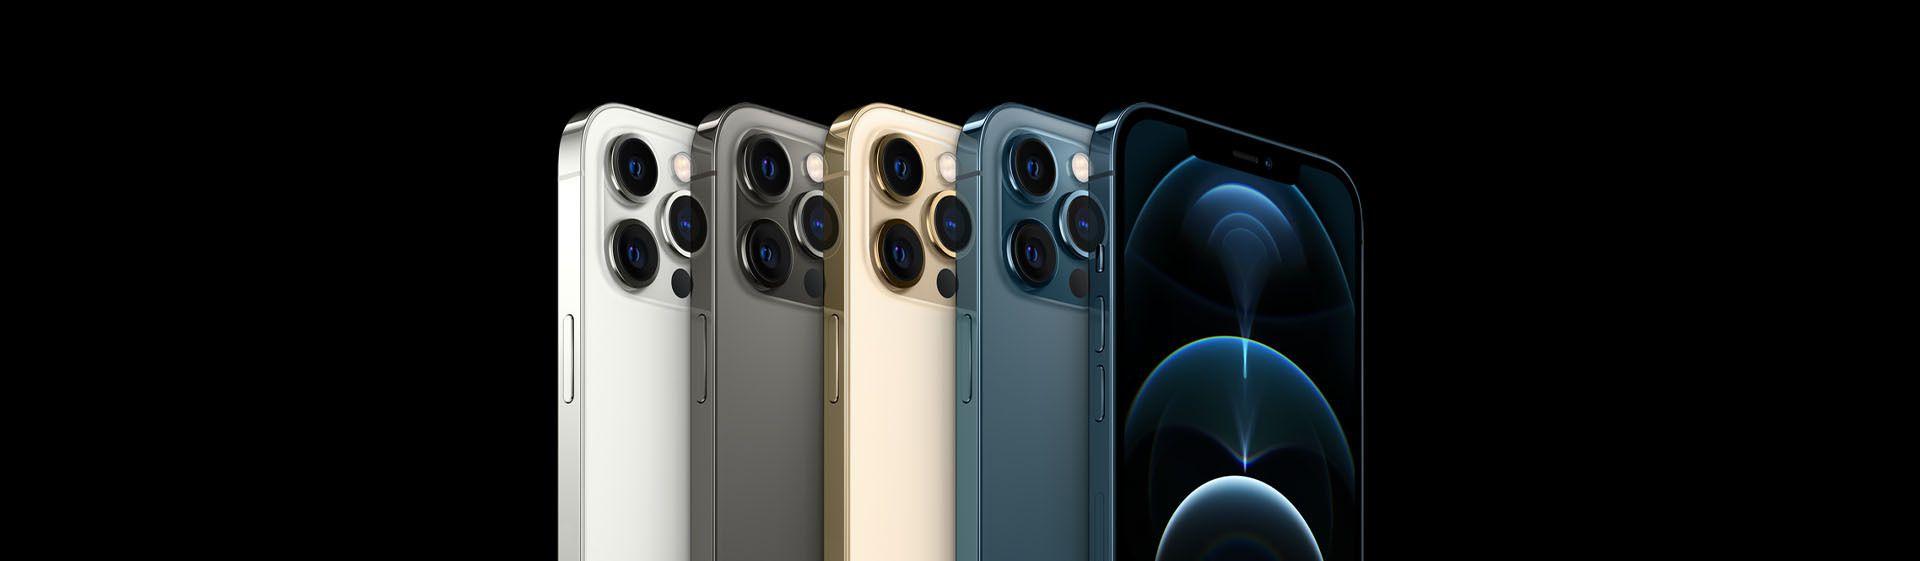 iPhone 12: os quatro modelos chegam ao Brasil